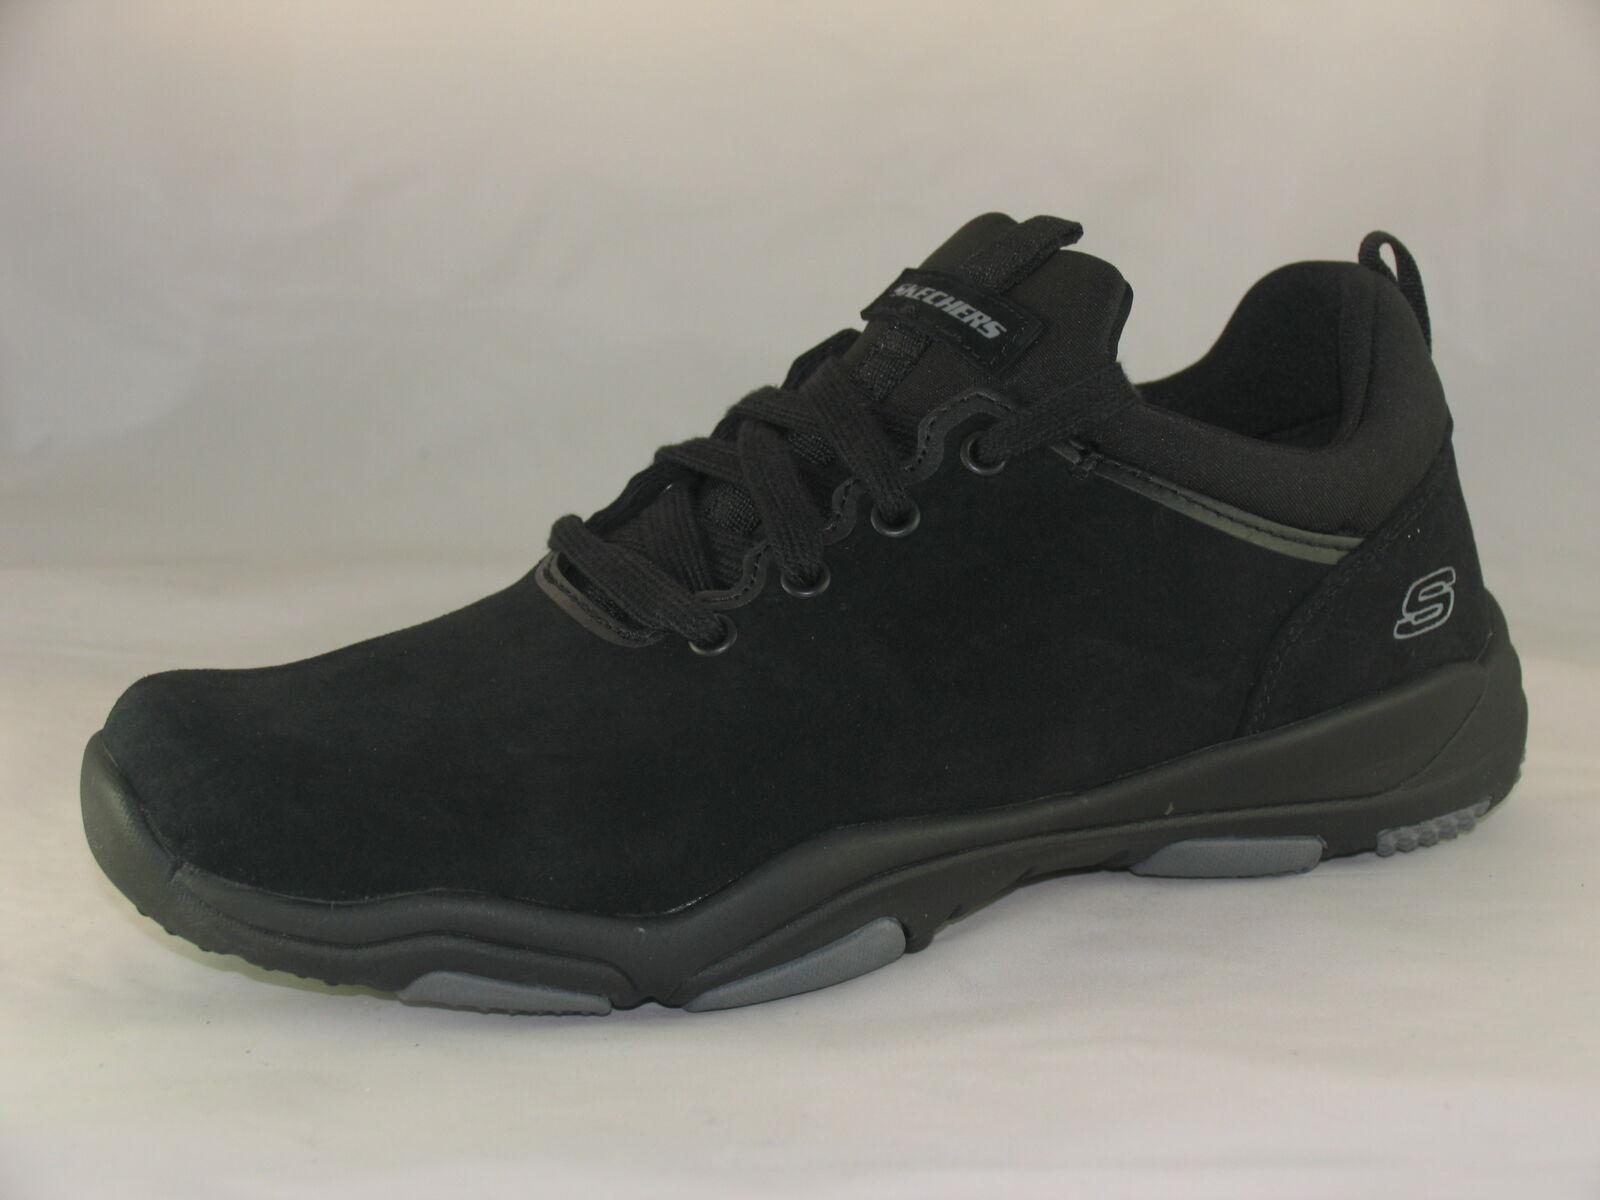 Men's Skechers 65166 Black Lace-up shoes